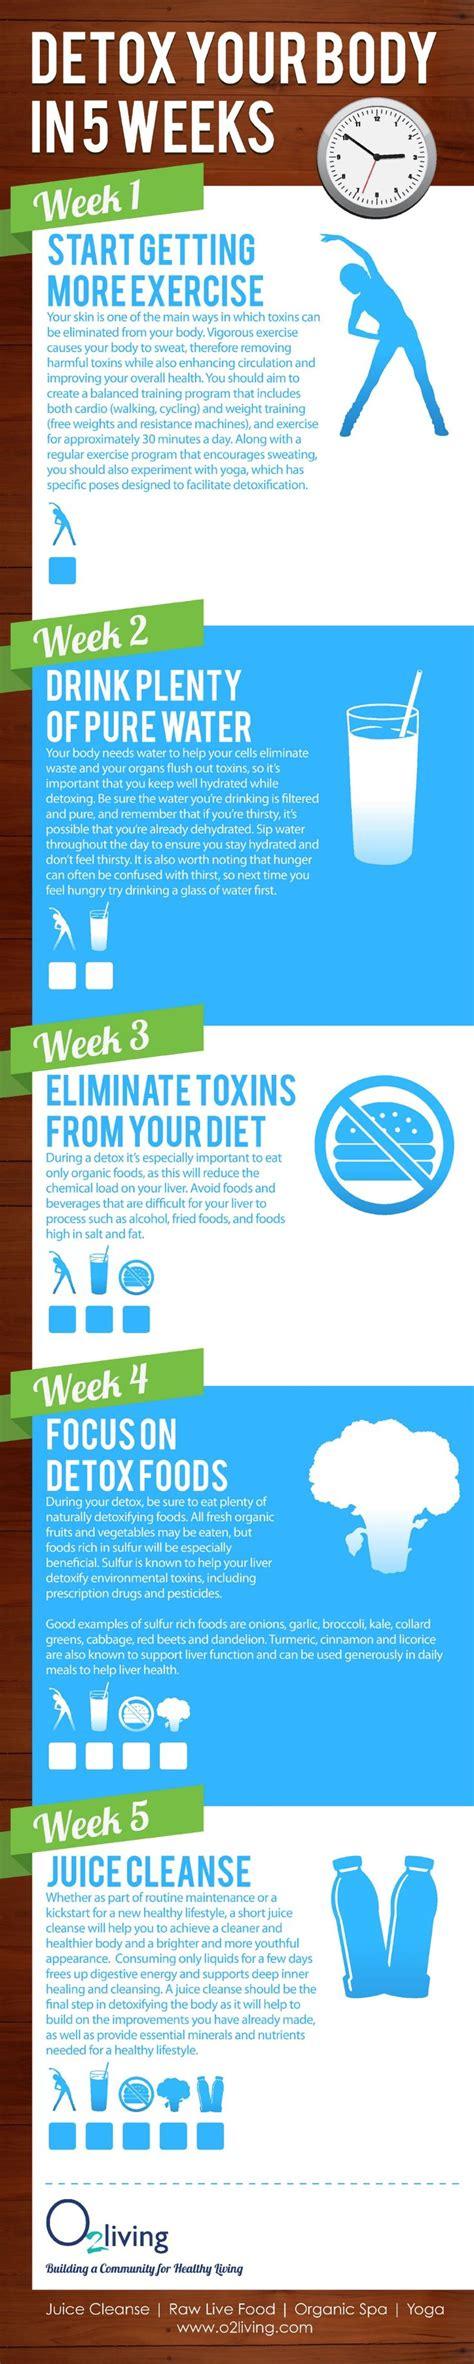 Best Weekend Detox Plan by 25 Best Ideas About Detox On